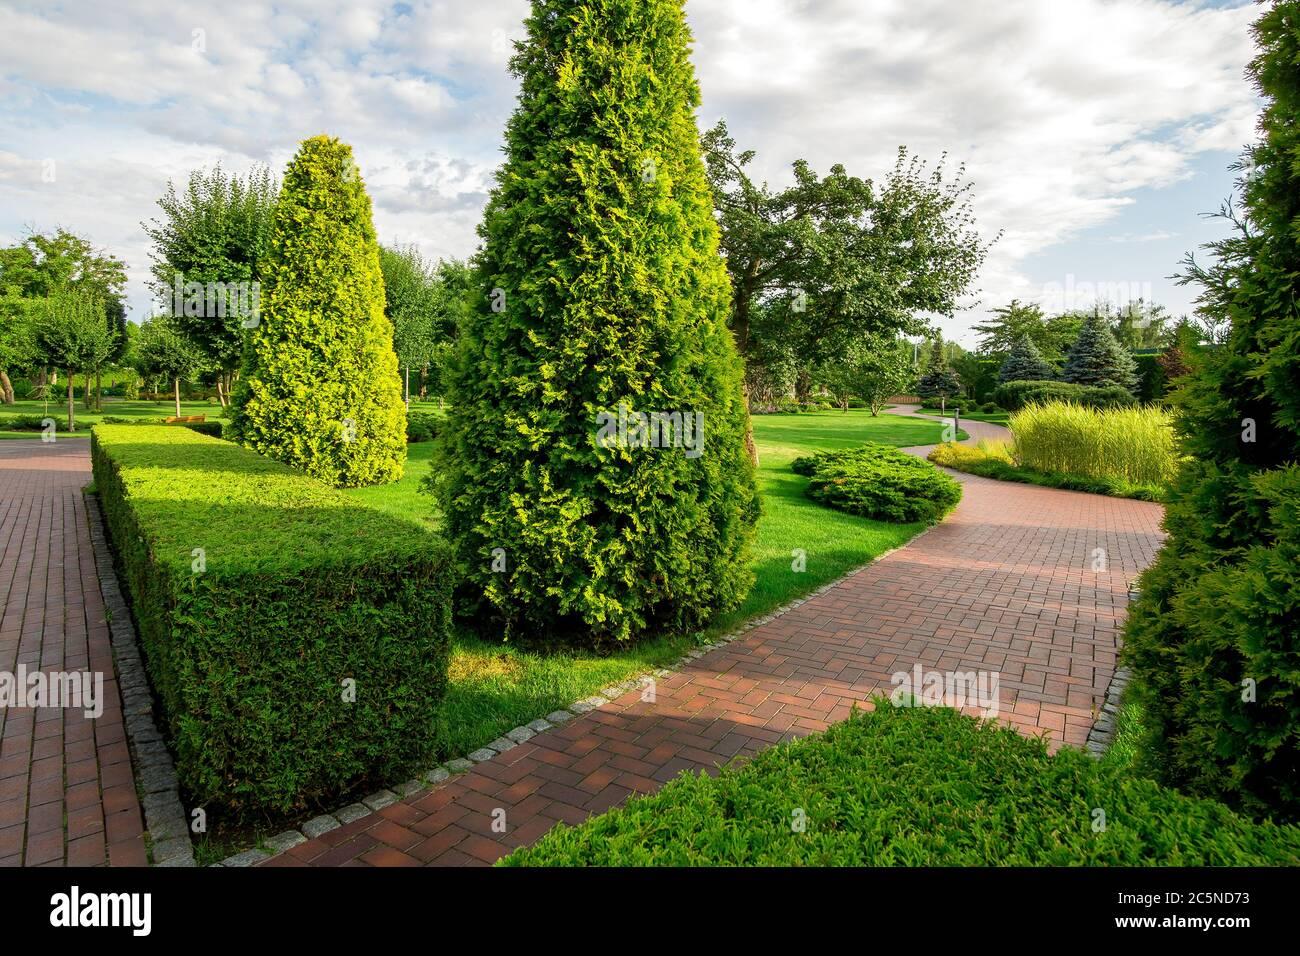 un parc avec haie de buis et thuja à feuilles persistantes avec des trottoirs tortueux pour des promenades parmi les plantes avec des nuages dans le ciel le jour ensoleillé d'été. Banque D'Images